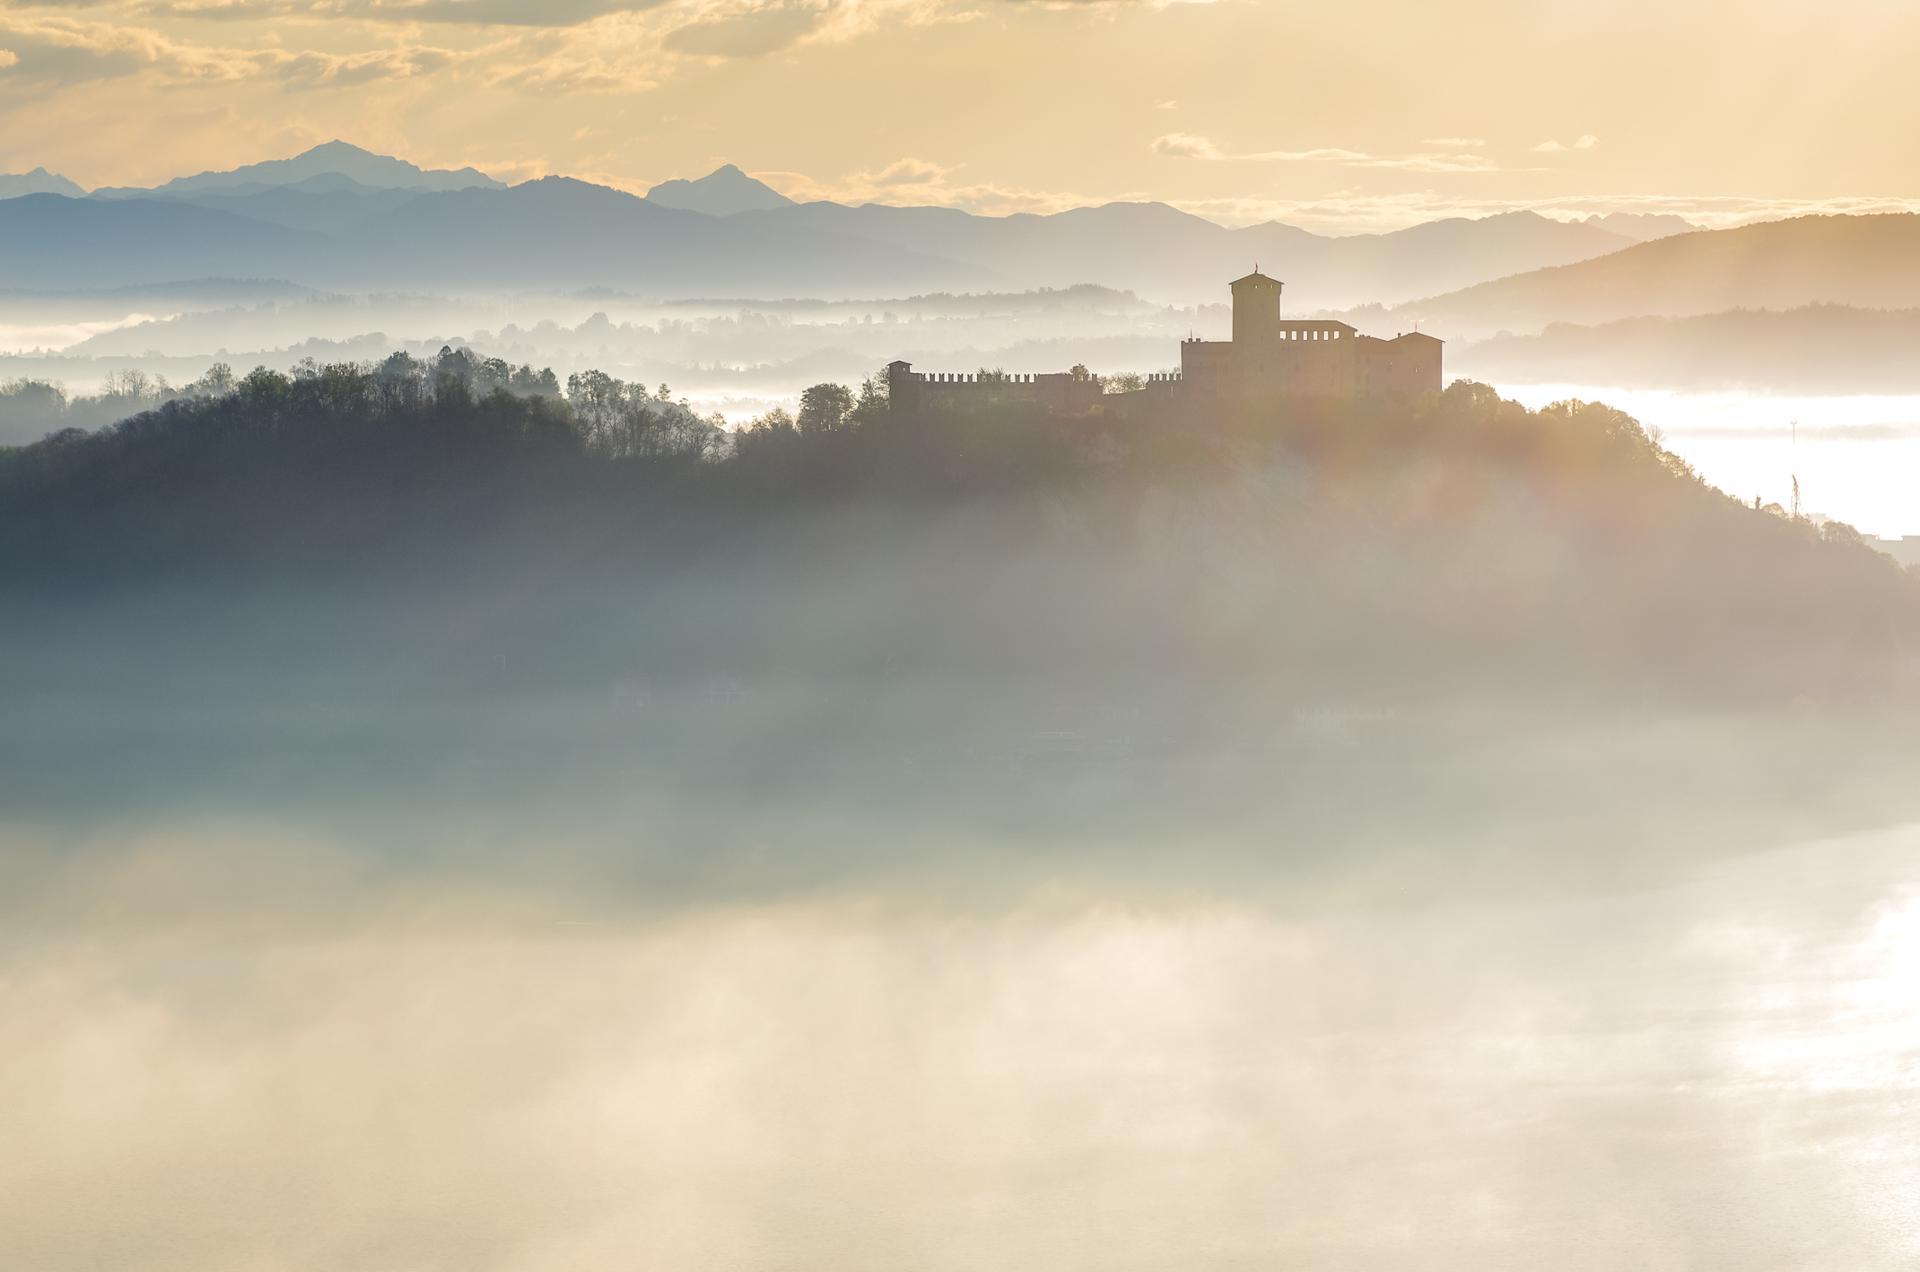 chateau italien sur fond d'Alpes